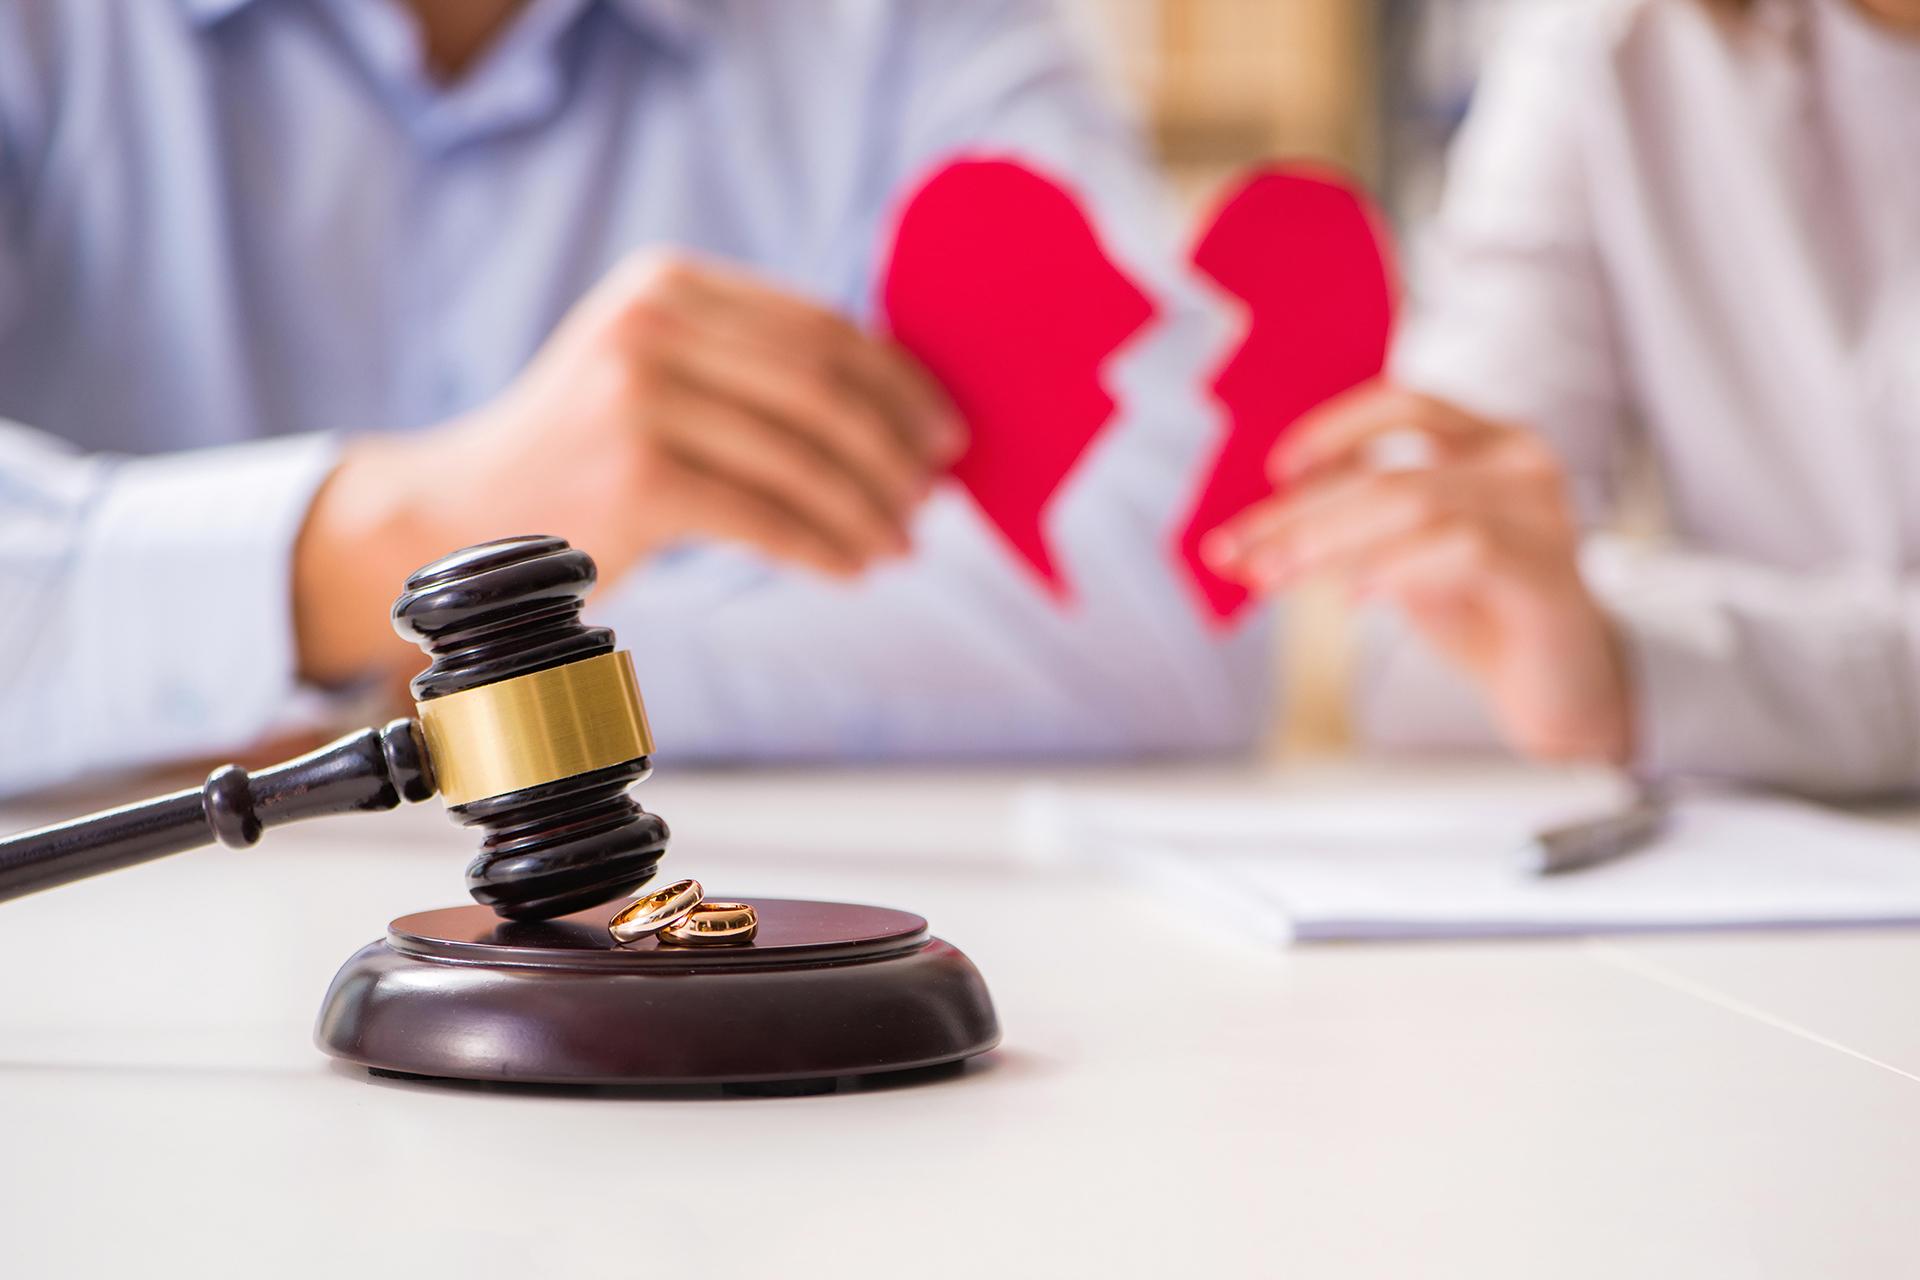 advogados de direito da família podem enfrentar